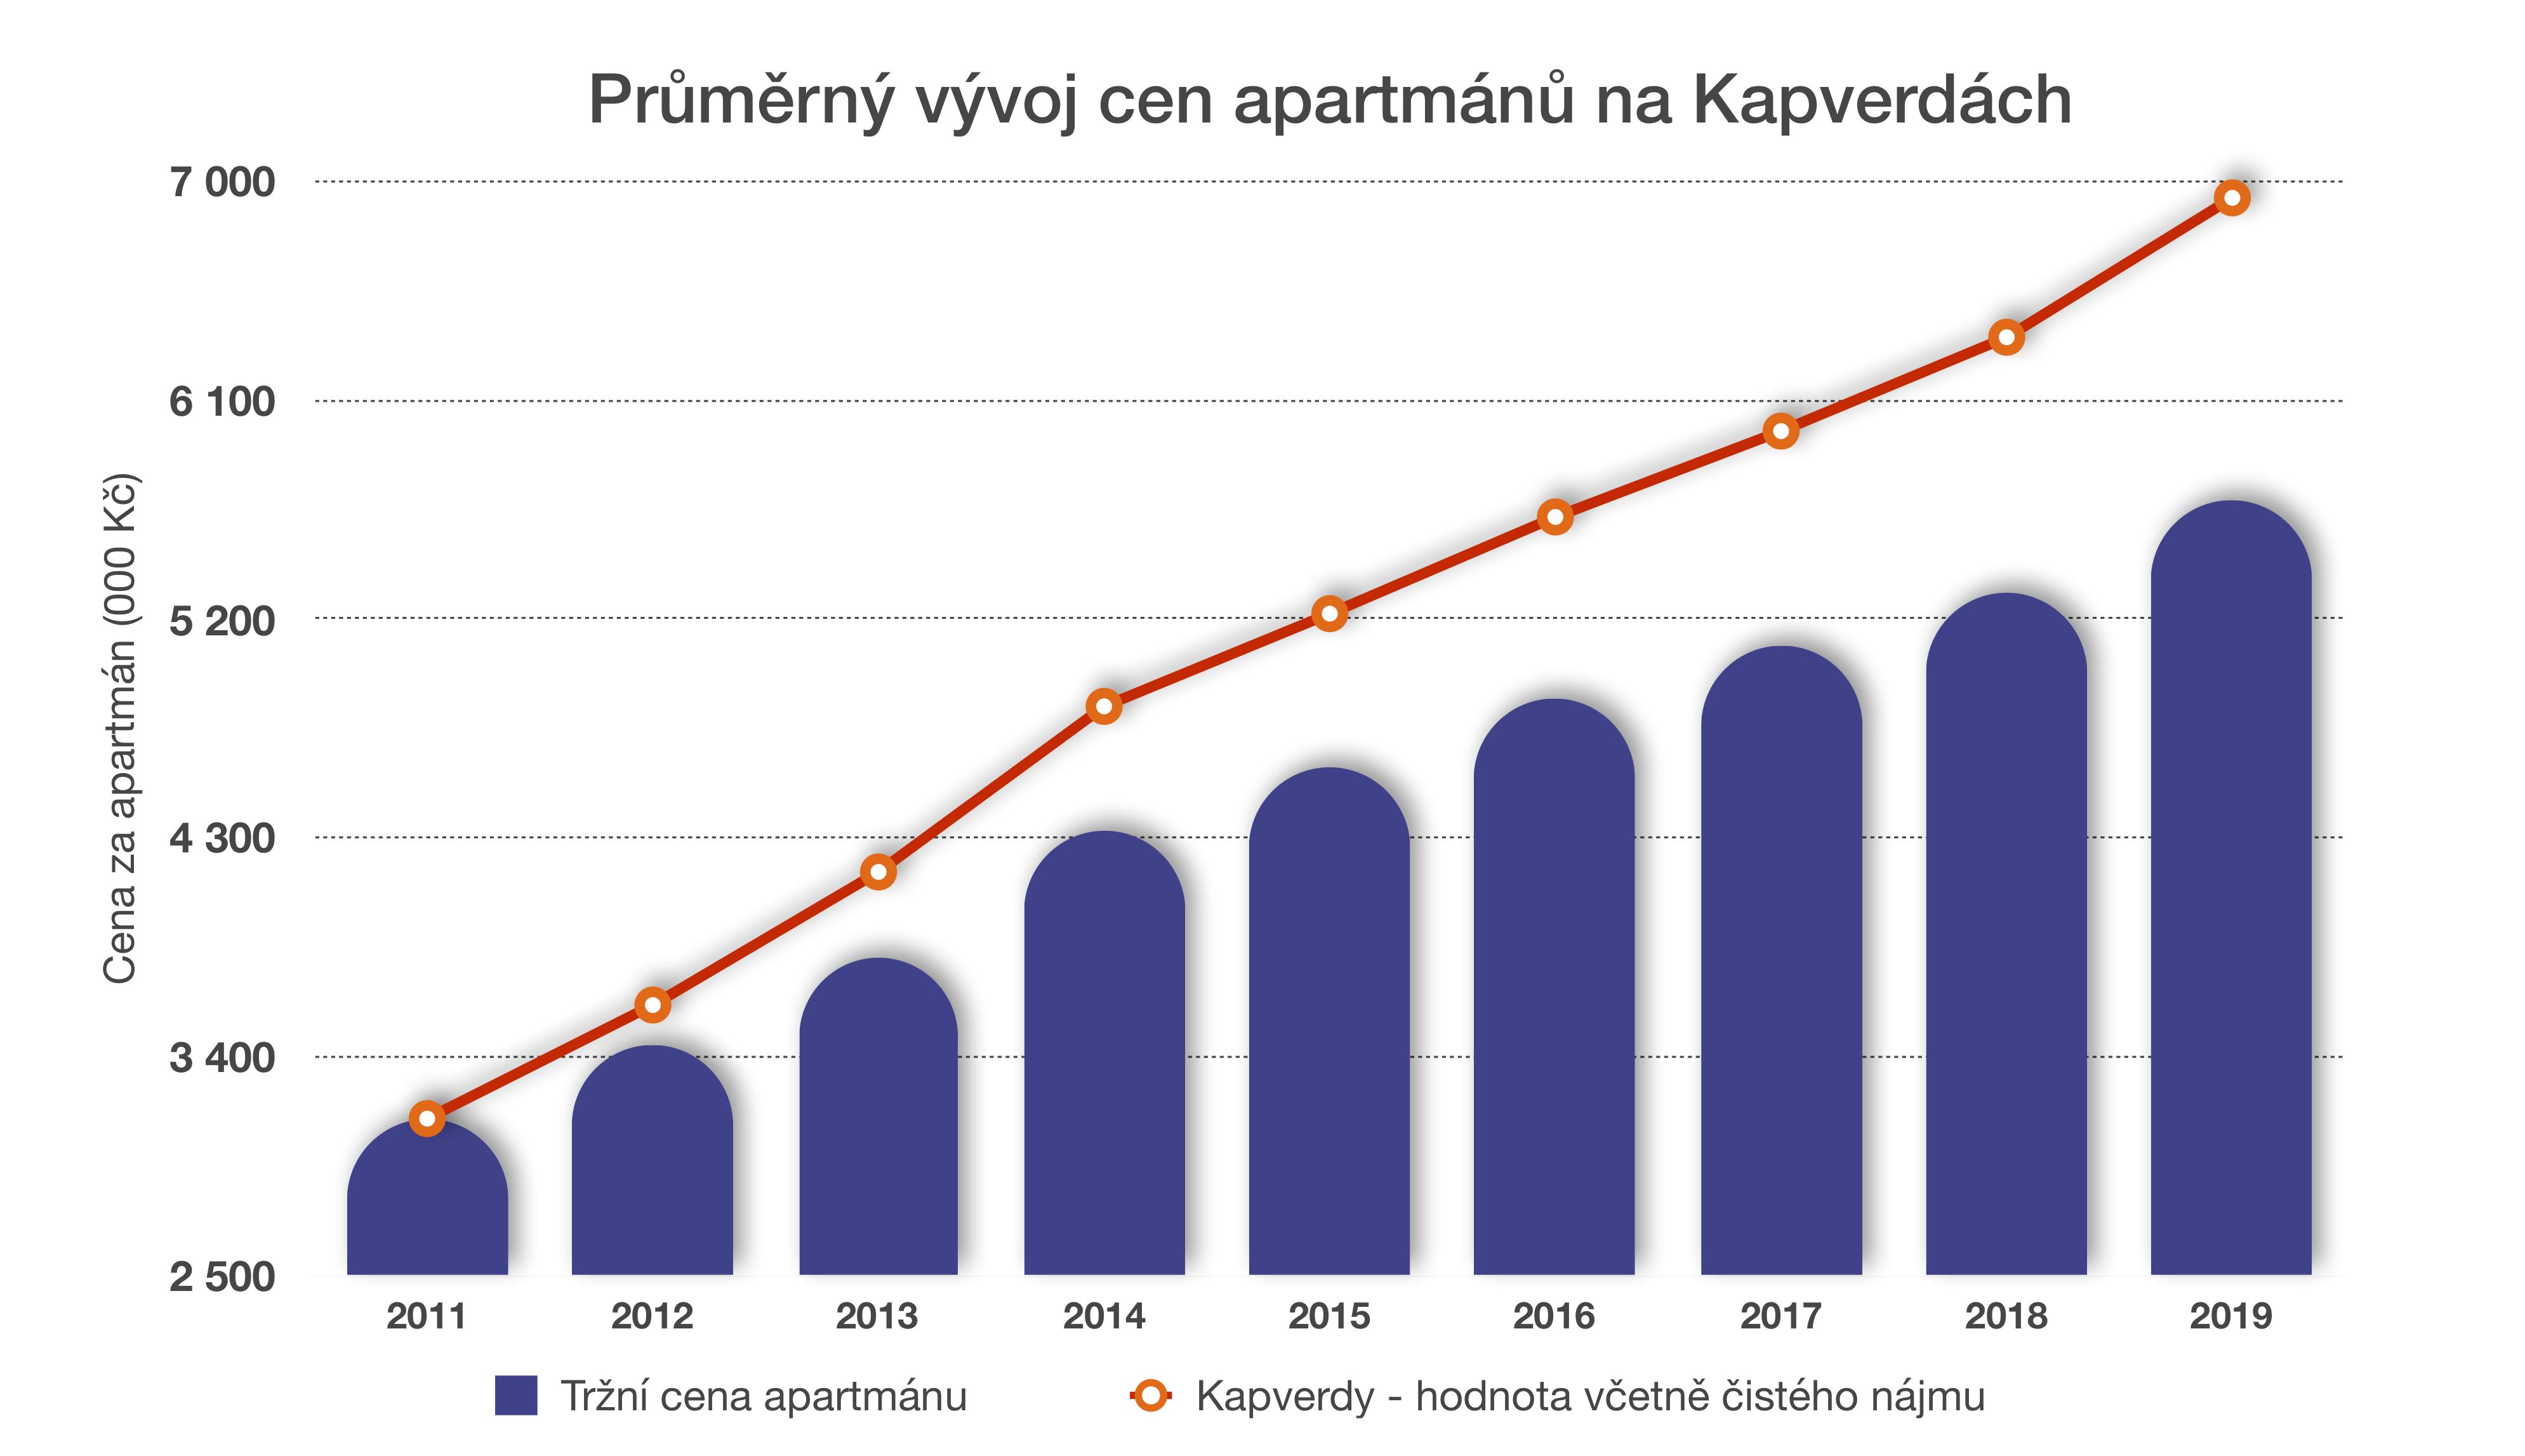 Proč investovat do nemovitostí na Kapverdách?